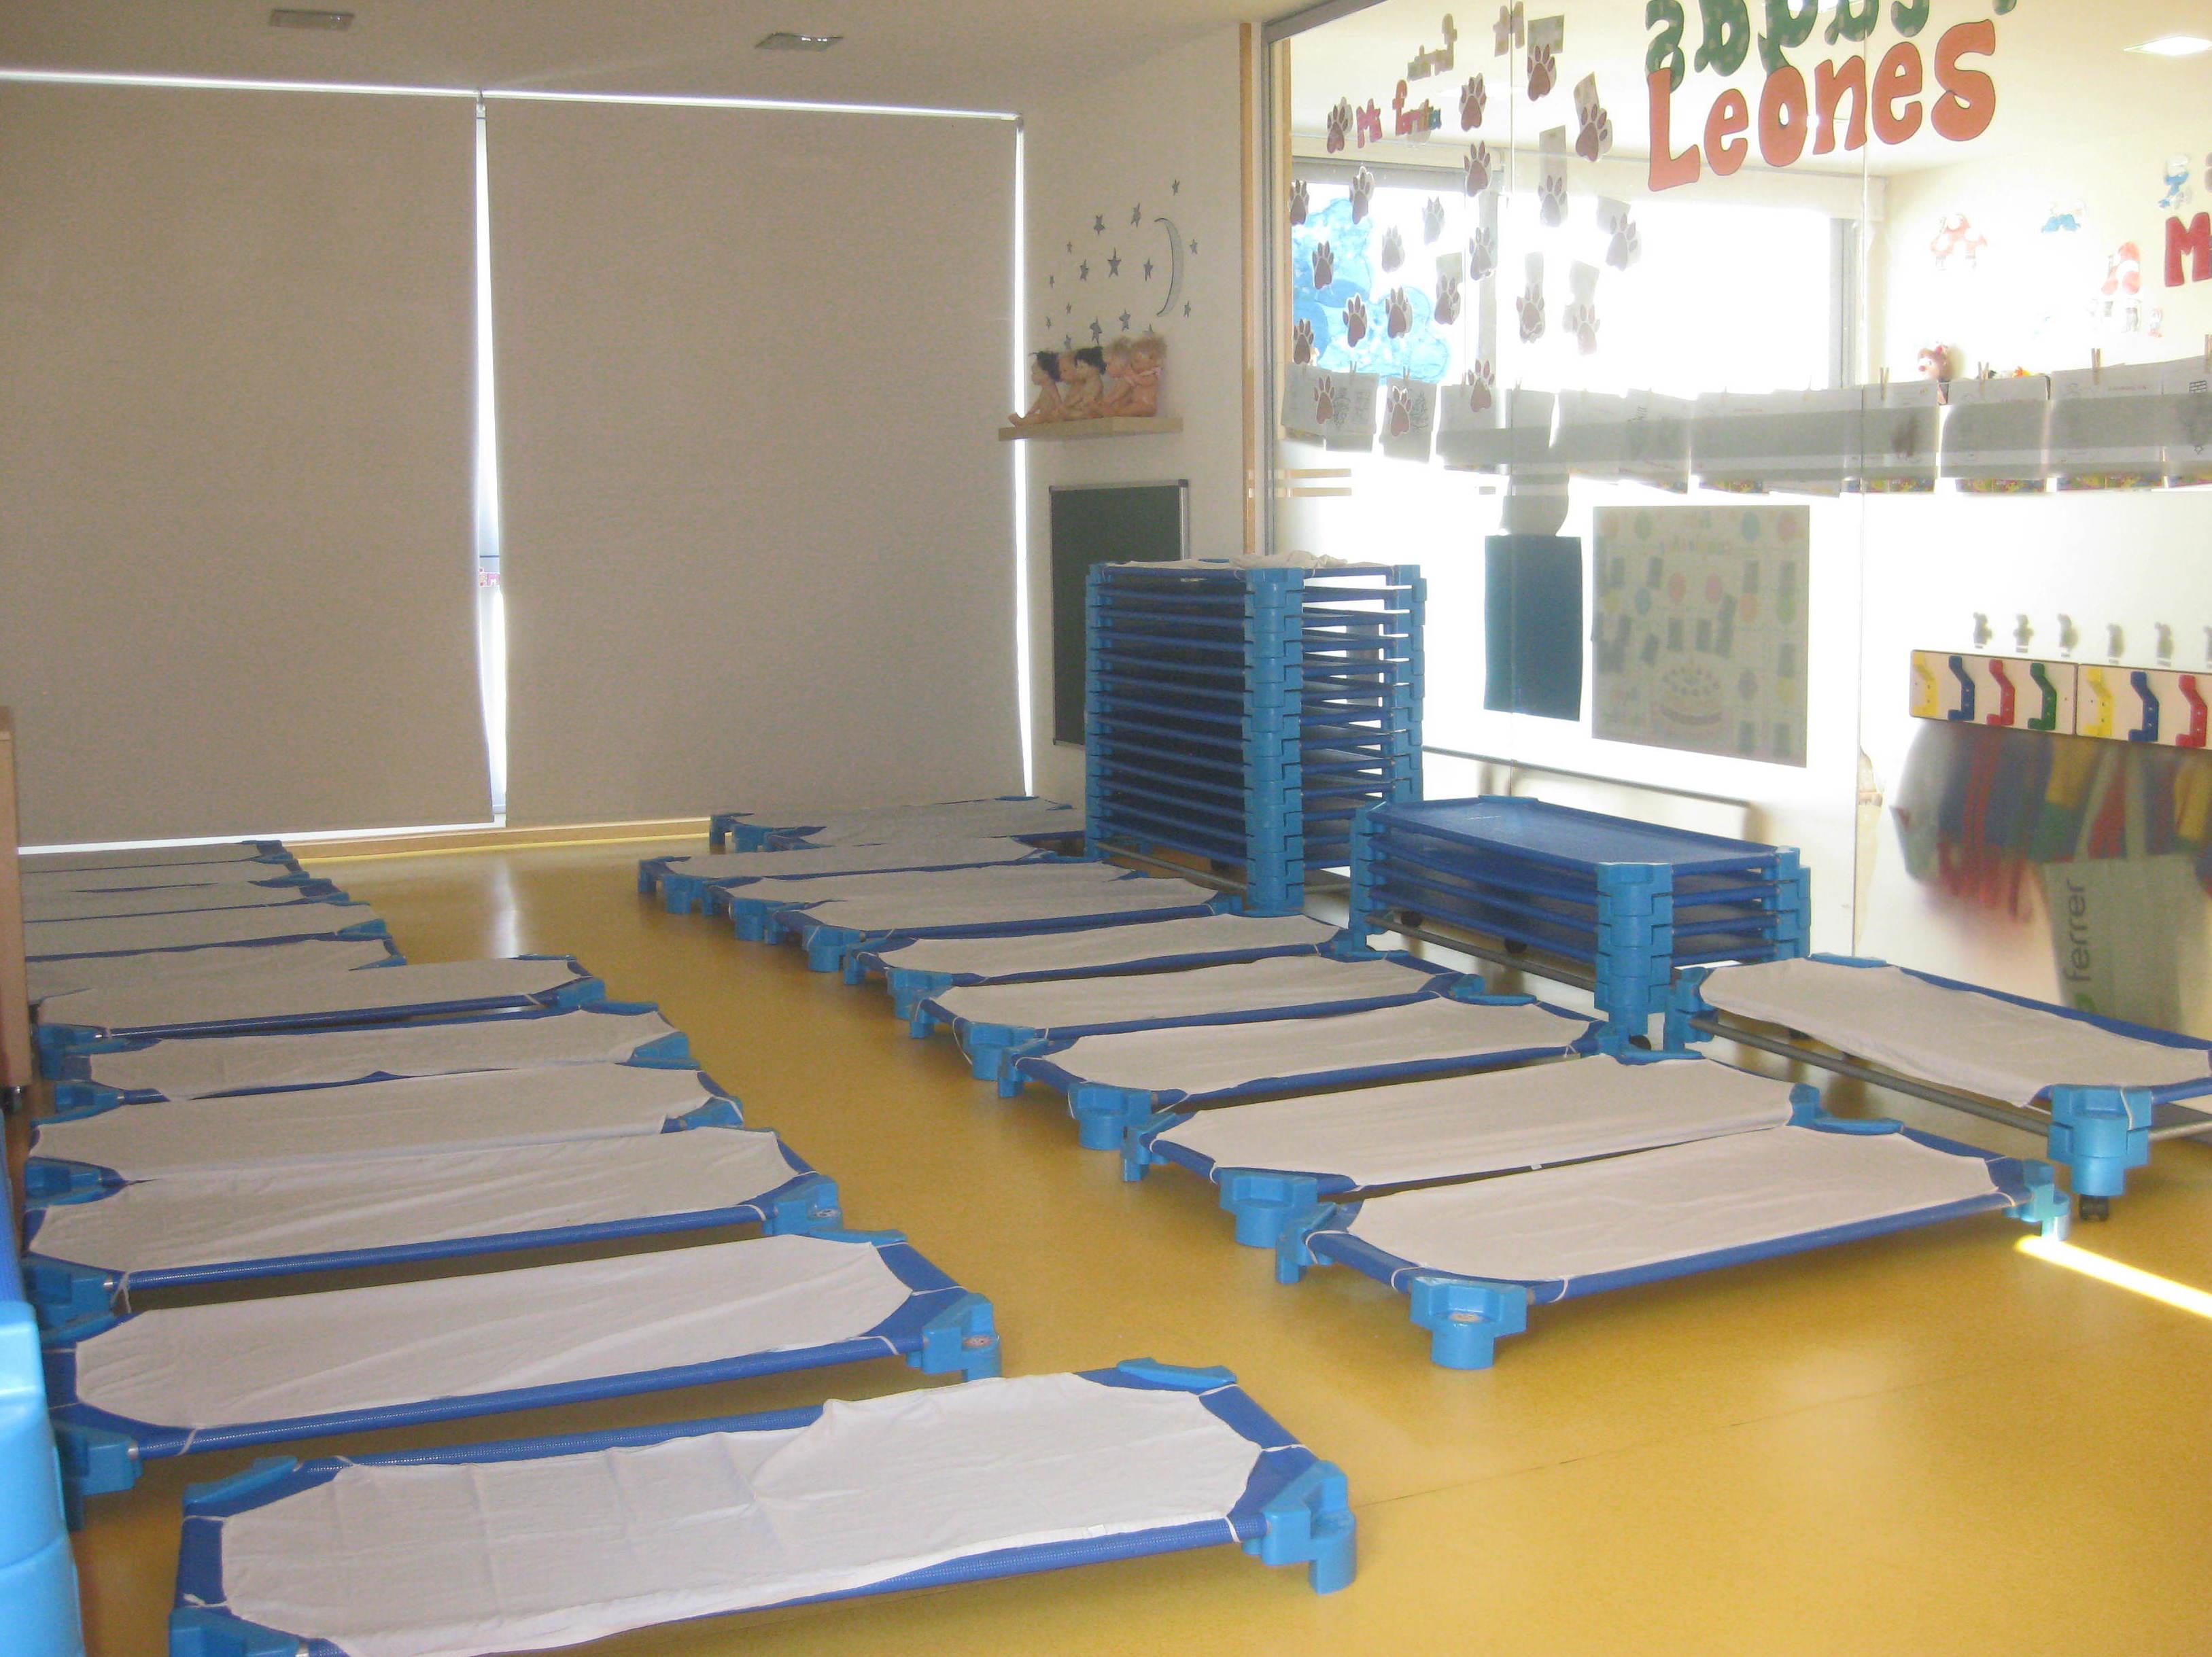 Instalaciones: Servicios que ofrecemos of Mascero Escuela Infantil